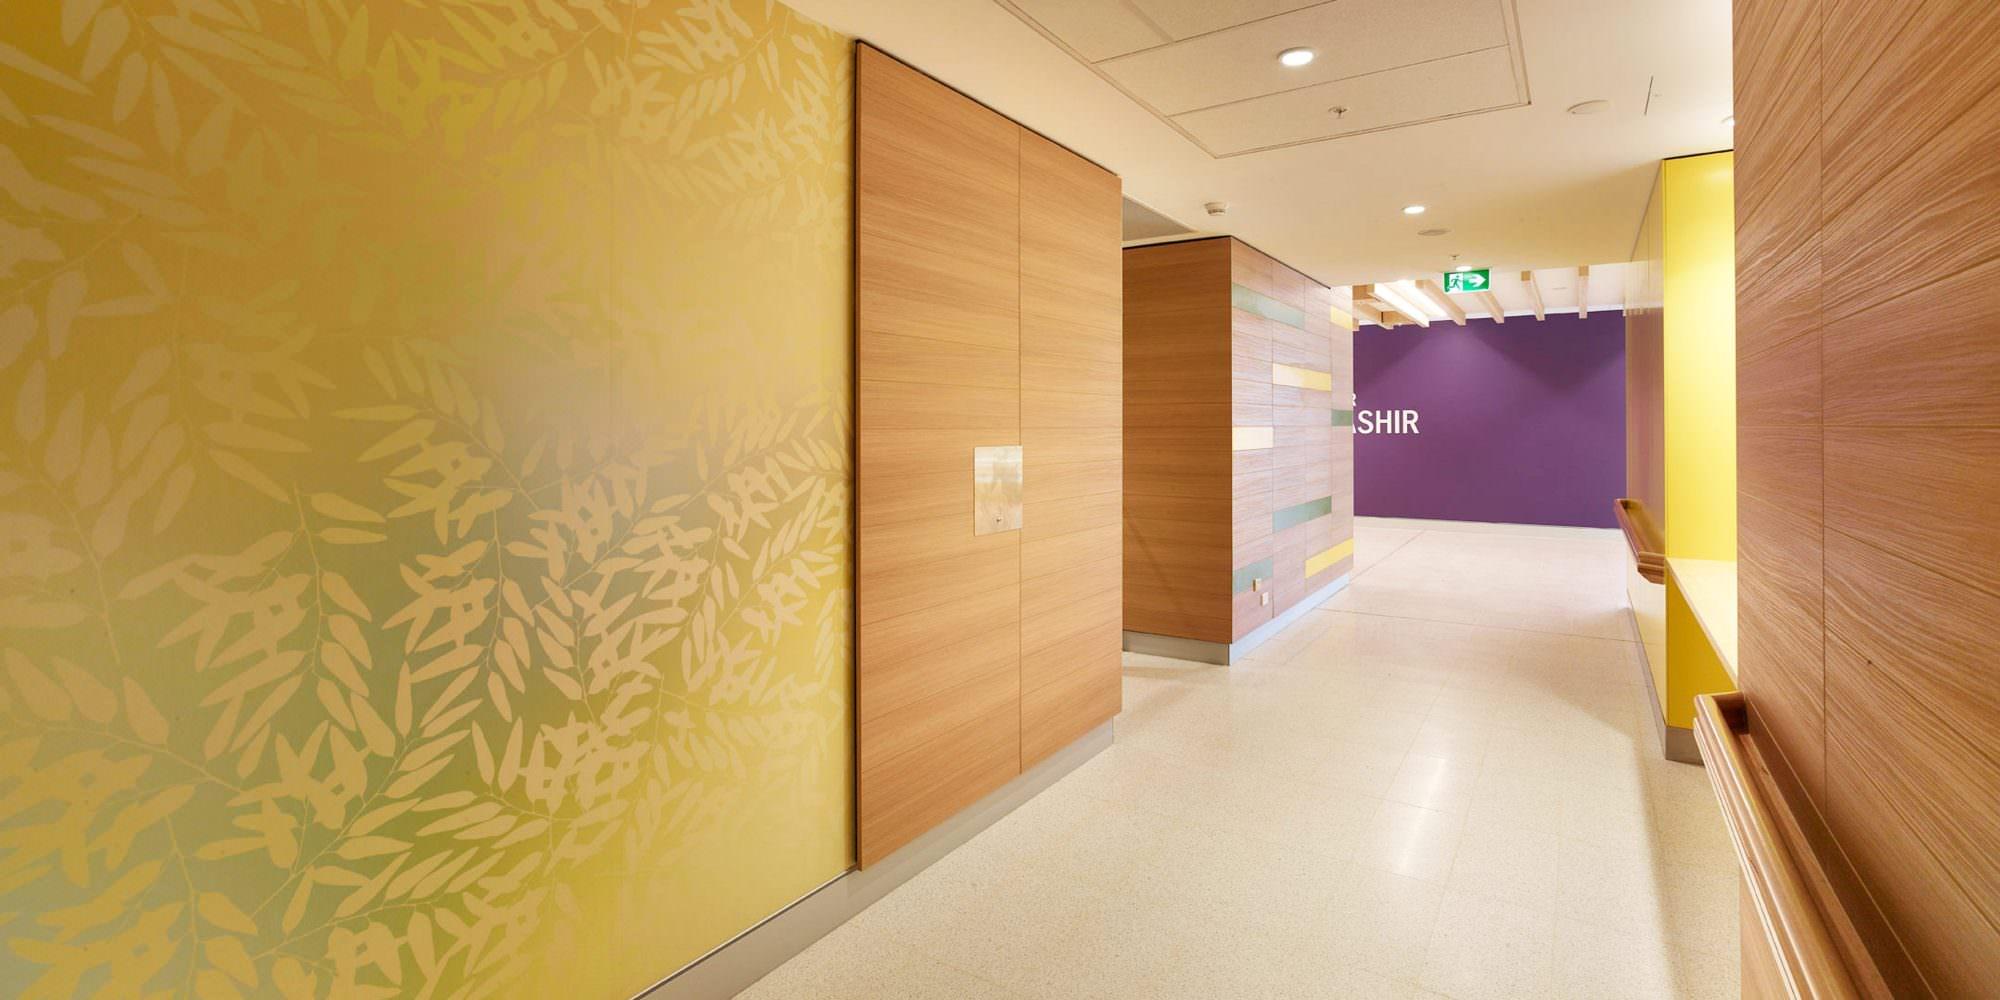 Hospital-wallpaper